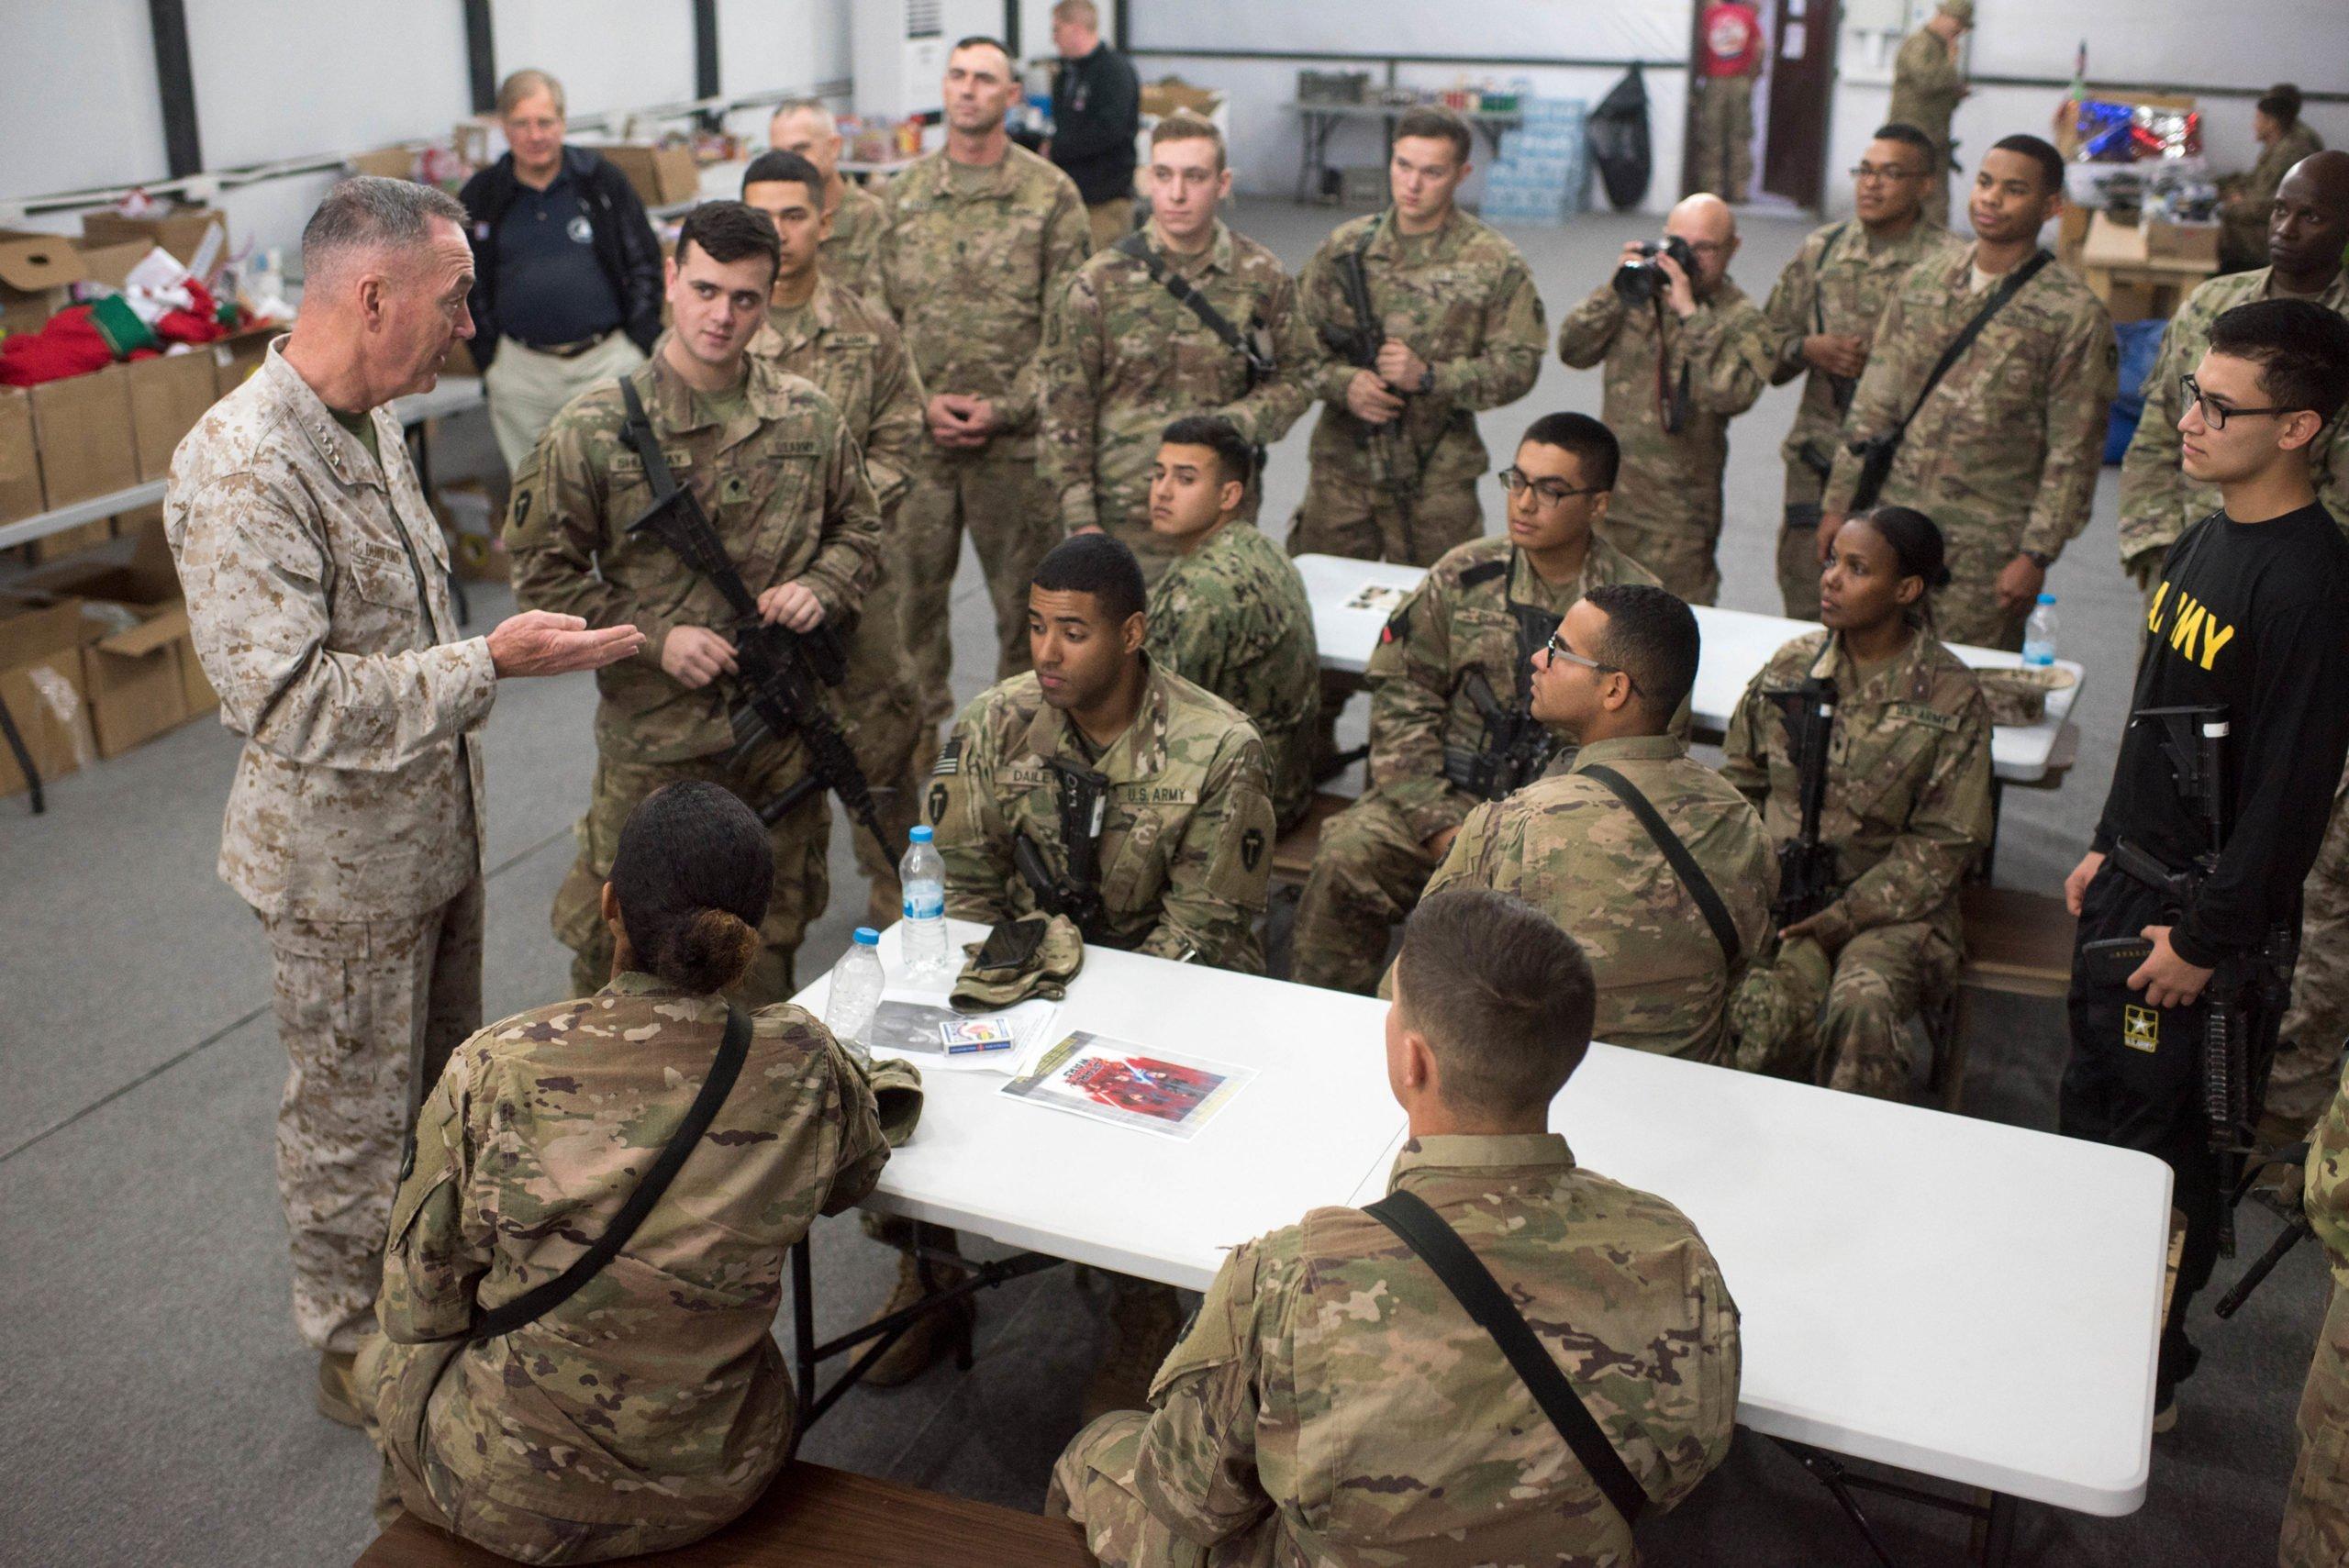 Iraq - Taji - ritorsione - Usa